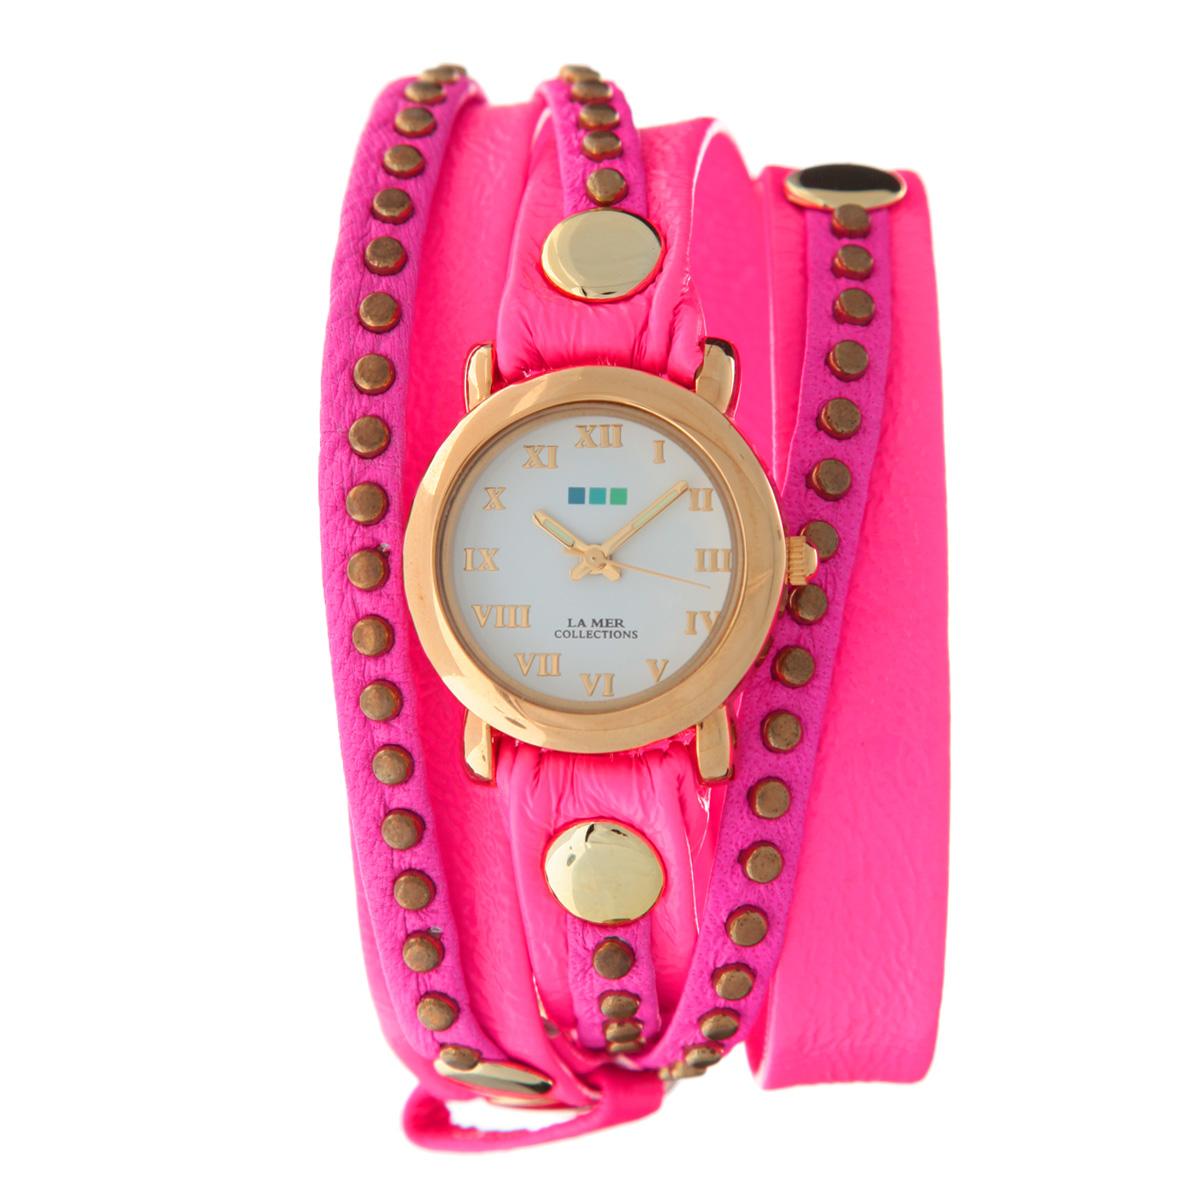 Часы наручные женские La Mer Collections Bali Neon Pink. LMSW4000LMSW4000Женские наручные часы  La Mer Collections позволят вам выделиться из толпы и подчеркнуть свою индивидуальность. Часы оснащены японским кварцевым механизмом Seiko. Ремешок двухслойный, выполнен из натуральной итальянской кожи и декорирован металлическими заклепками. Корпус часов изготовлен из сплава металлов, золотистого цвета. Циферблат оснащен часовой, минутной и секундной стрелками и защищен минеральным стеклом, оформлен римскими цифрами. Часы застегиваются на классическую застежку. Часы хранятся на специальной подушечке в футляре из искусственной кожи, крышка которого оформлена логотипом компании La Mer Collection. Характеристики: Размер циферблата: 22 х 22 х 8 мм. Размер ремешка: 550 х 13 мм. Ширина верхнего слоя ремешка: 6 мм. Не содержат никель. Не водостойкие. Собираются вручную в США.